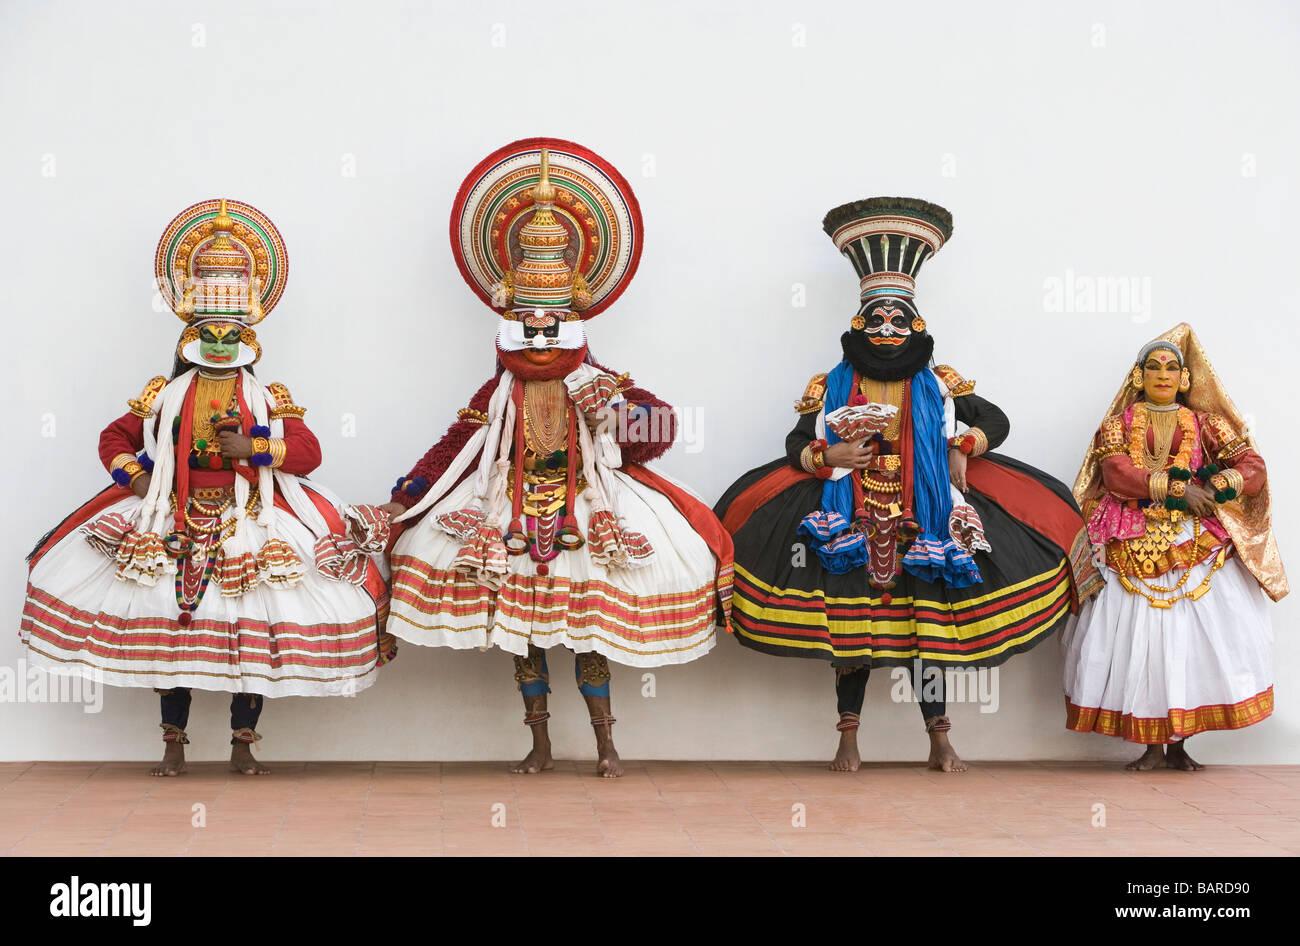 Four people kathakali dancing Stock Photo: 23872268 - Alamy